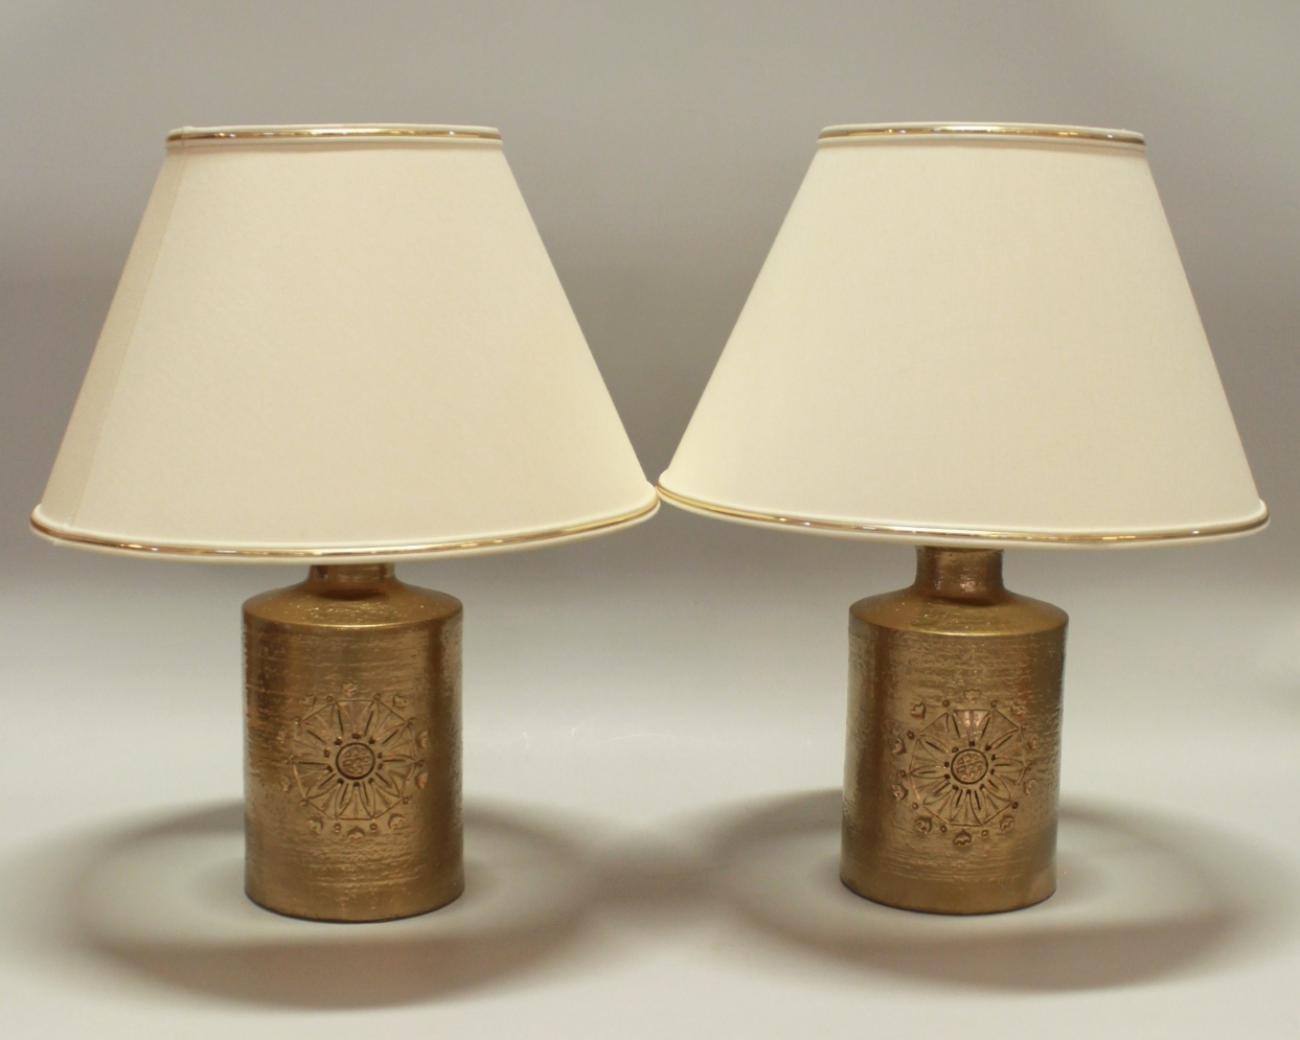 Lasierte Vintage 22-Karat Gold Tischlampen aus Keramik von Bitossi für...